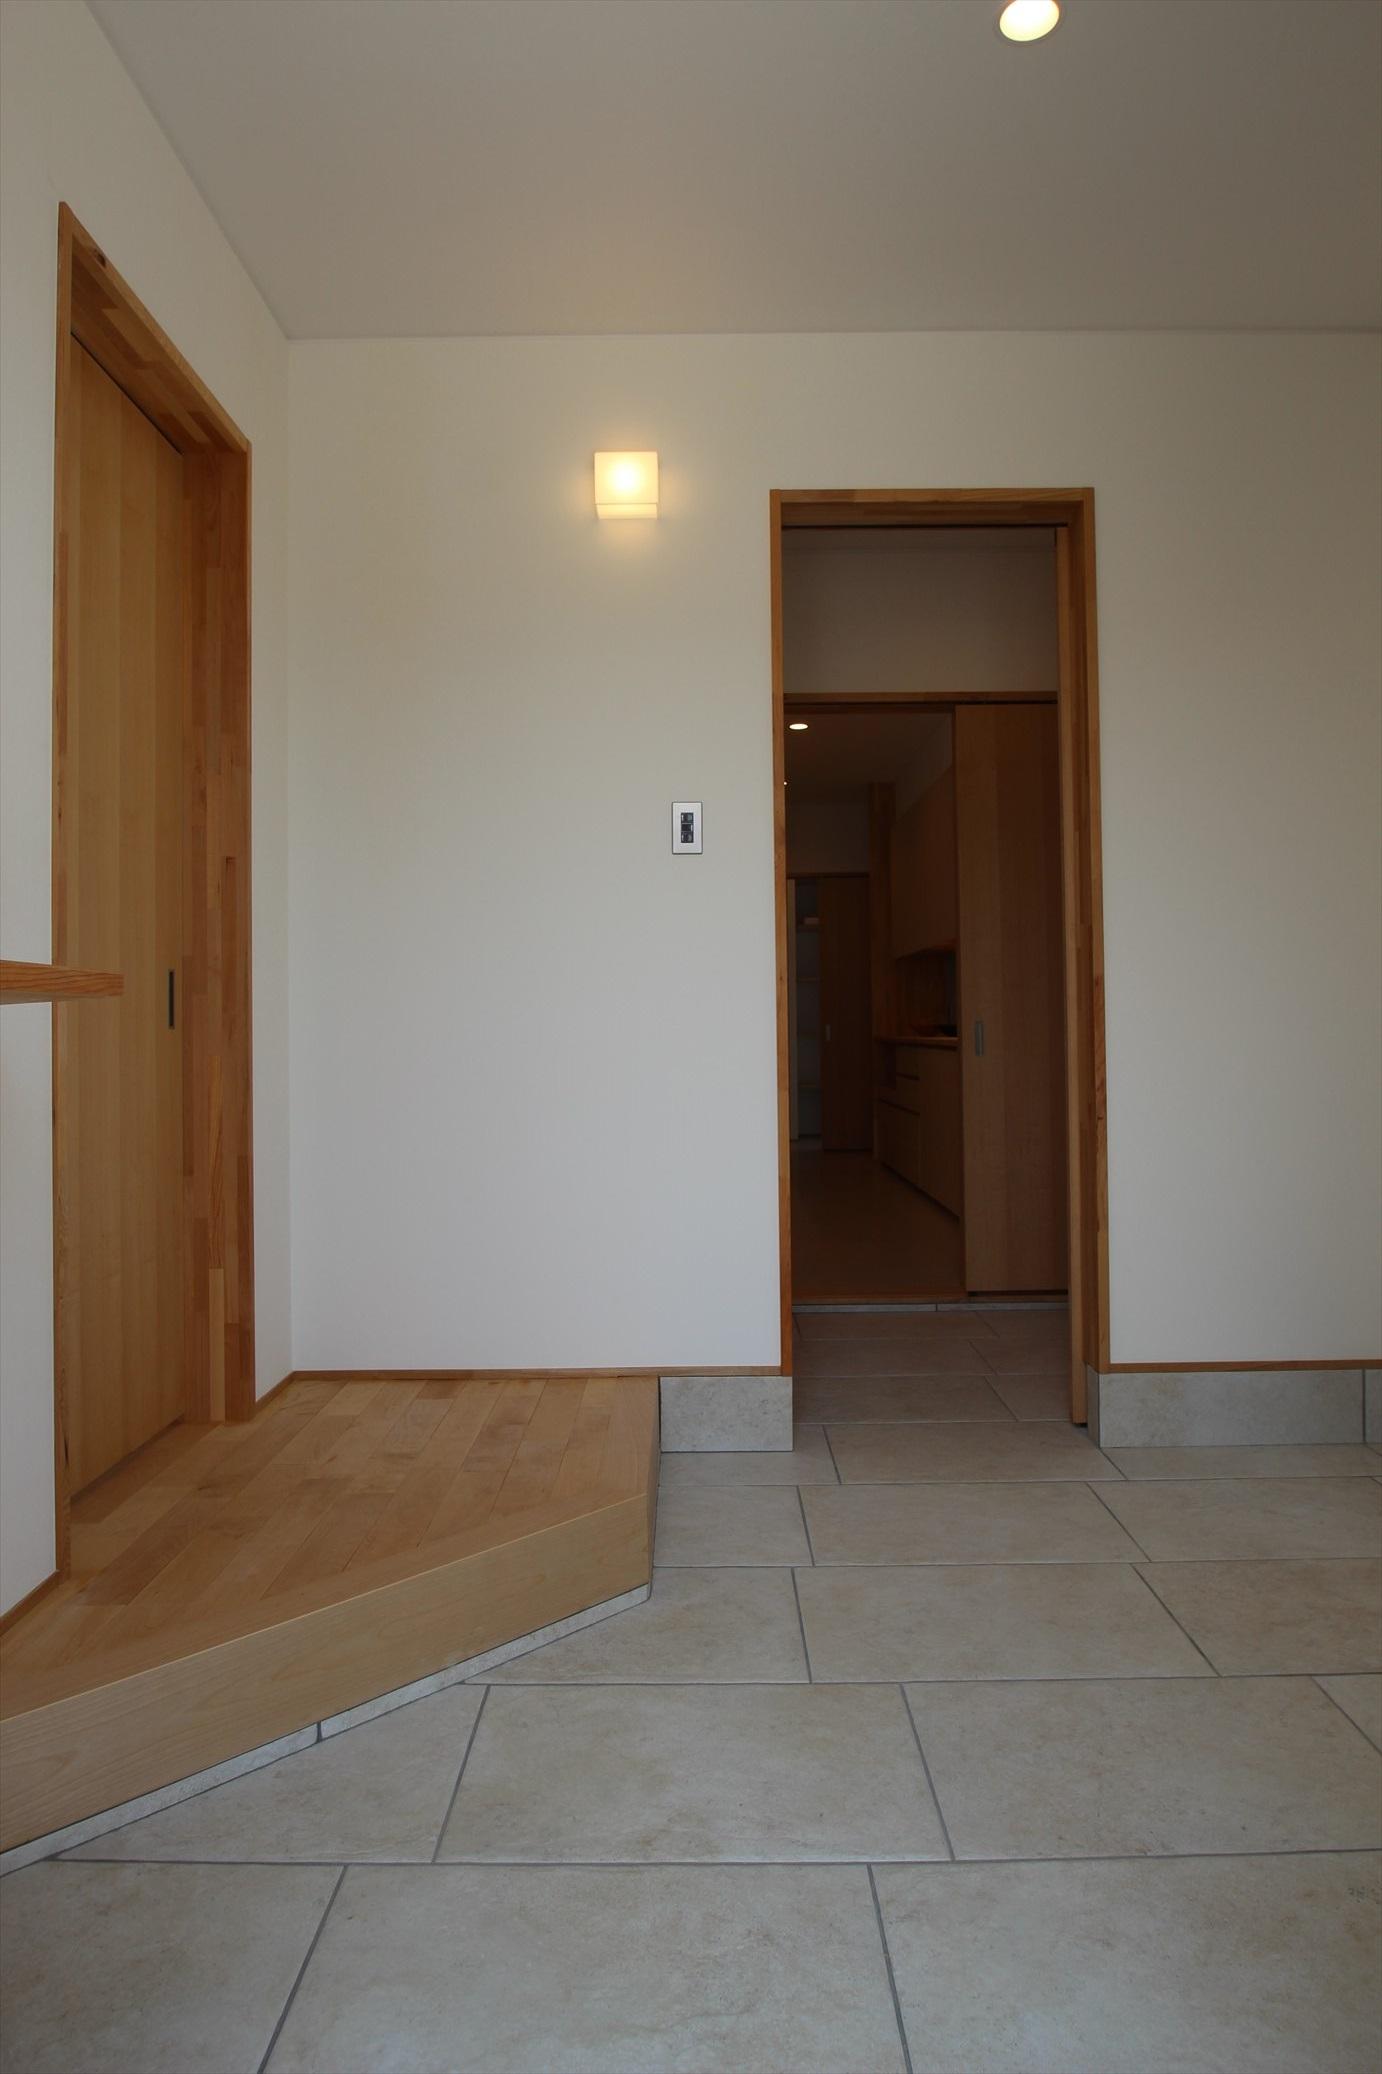 通り土間のオーダーメイドキッチンで、癒しが宿る家|石川県金沢市の注文住宅・デザイン性・新築の家・戸建て|E-HOUSE